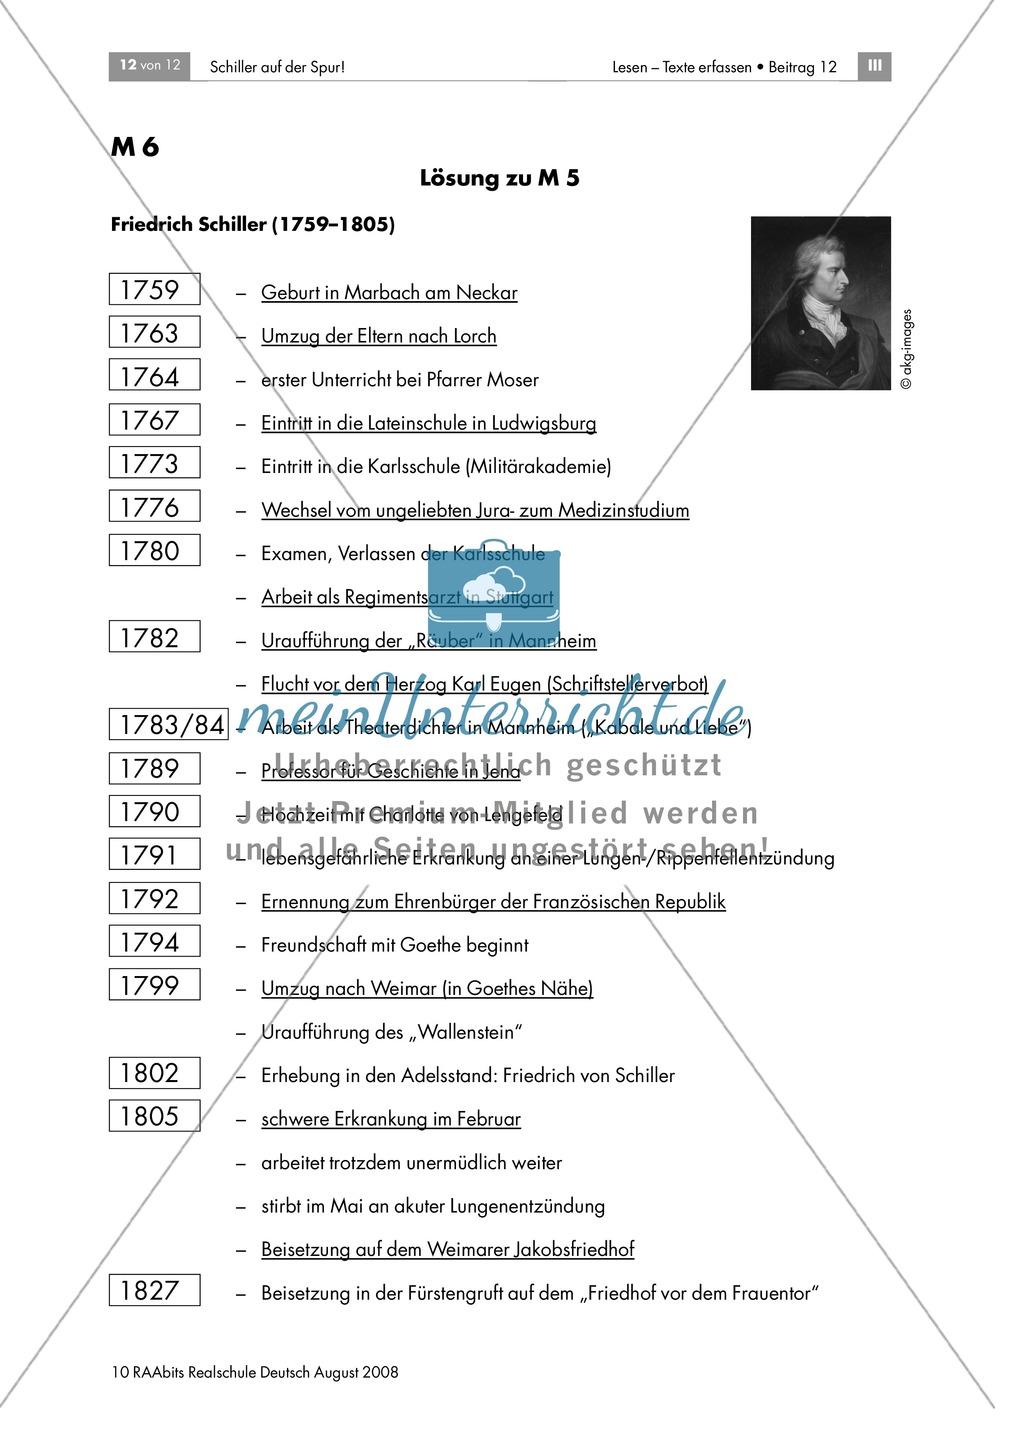 Schiller auf der Spur: Ein Brettspiel zur Biografie des Dichters Preview 11